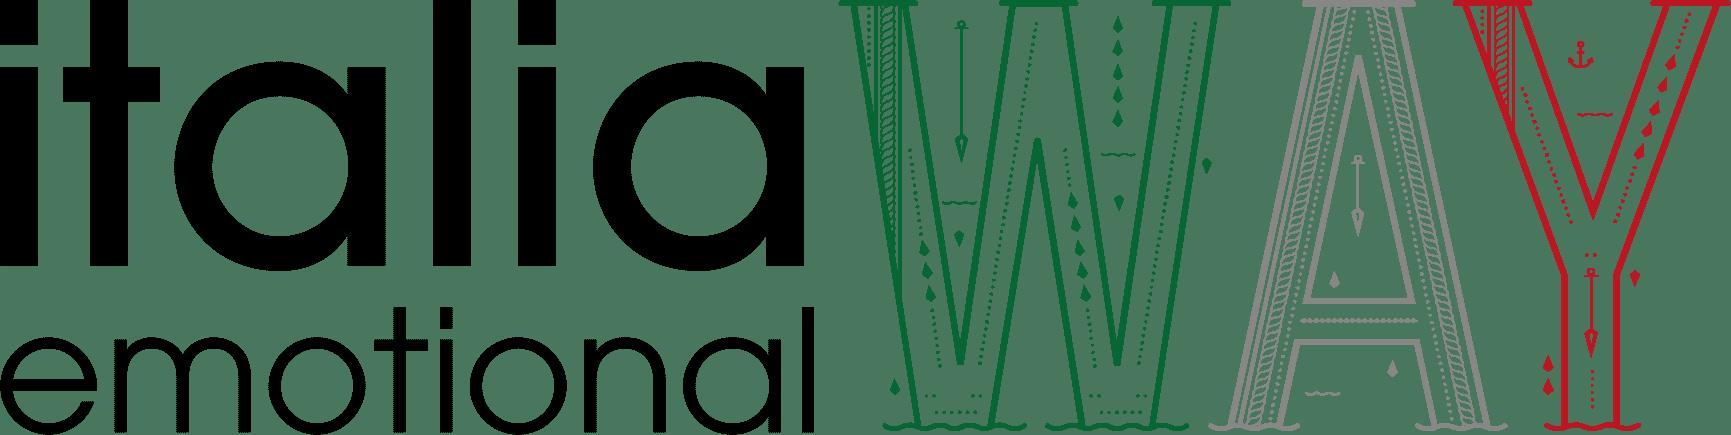 IEW Orizz logo